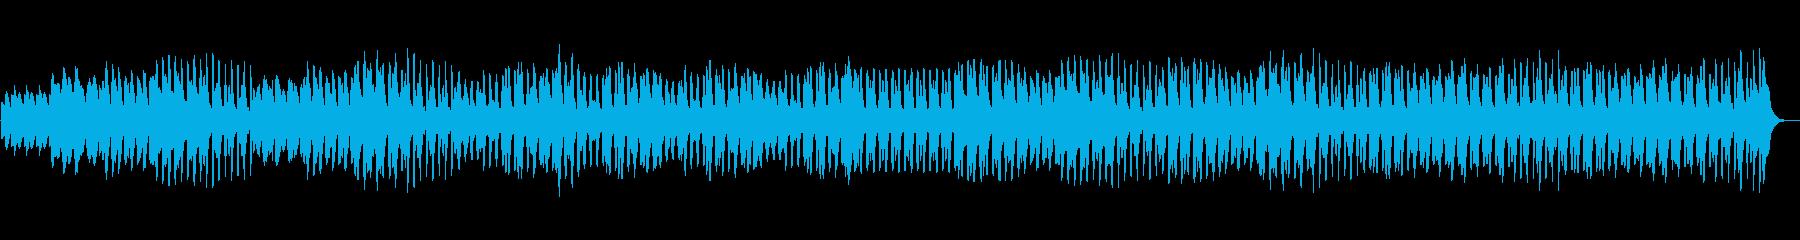 おじいさんとの思い出を感じる楽曲ですの再生済みの波形